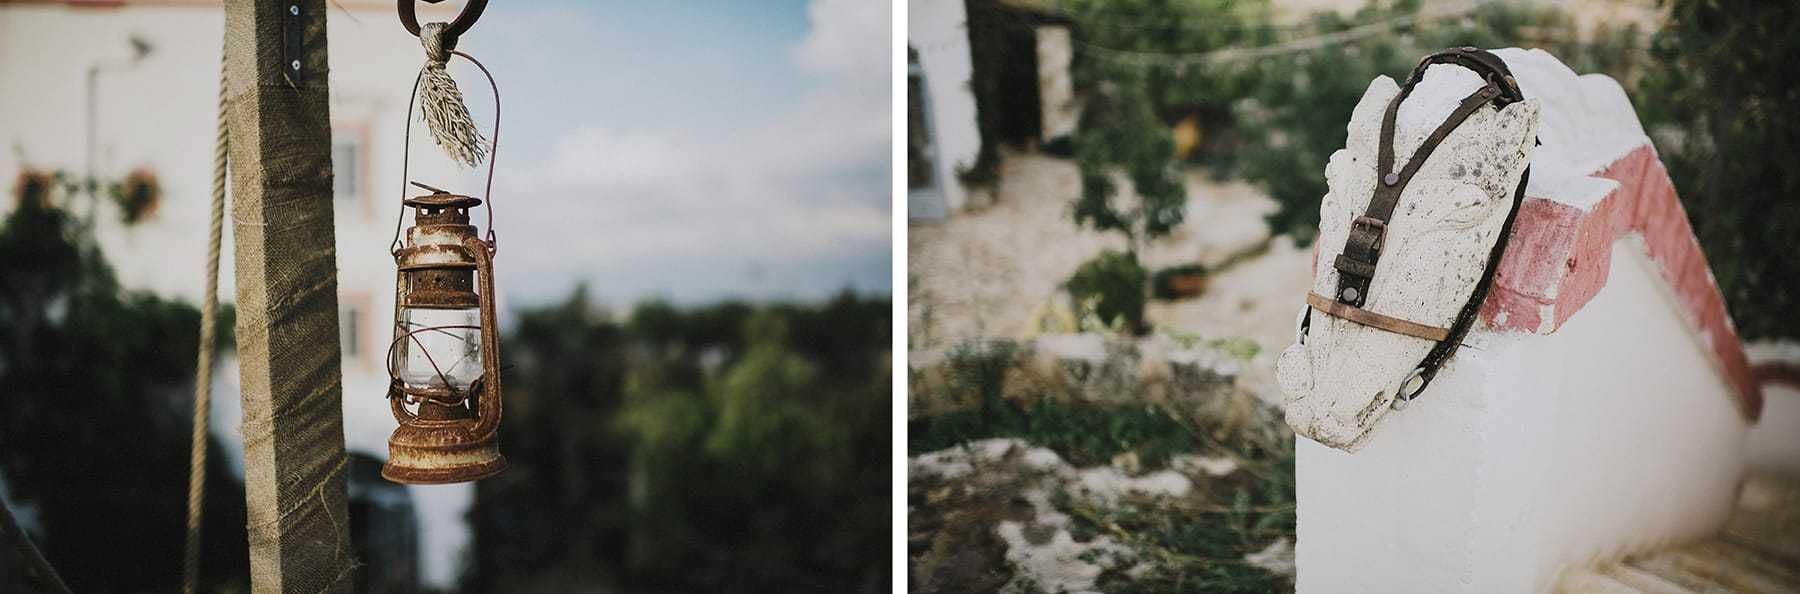 hilario_sanchez_fotografo_boda_ostuni_italia_029